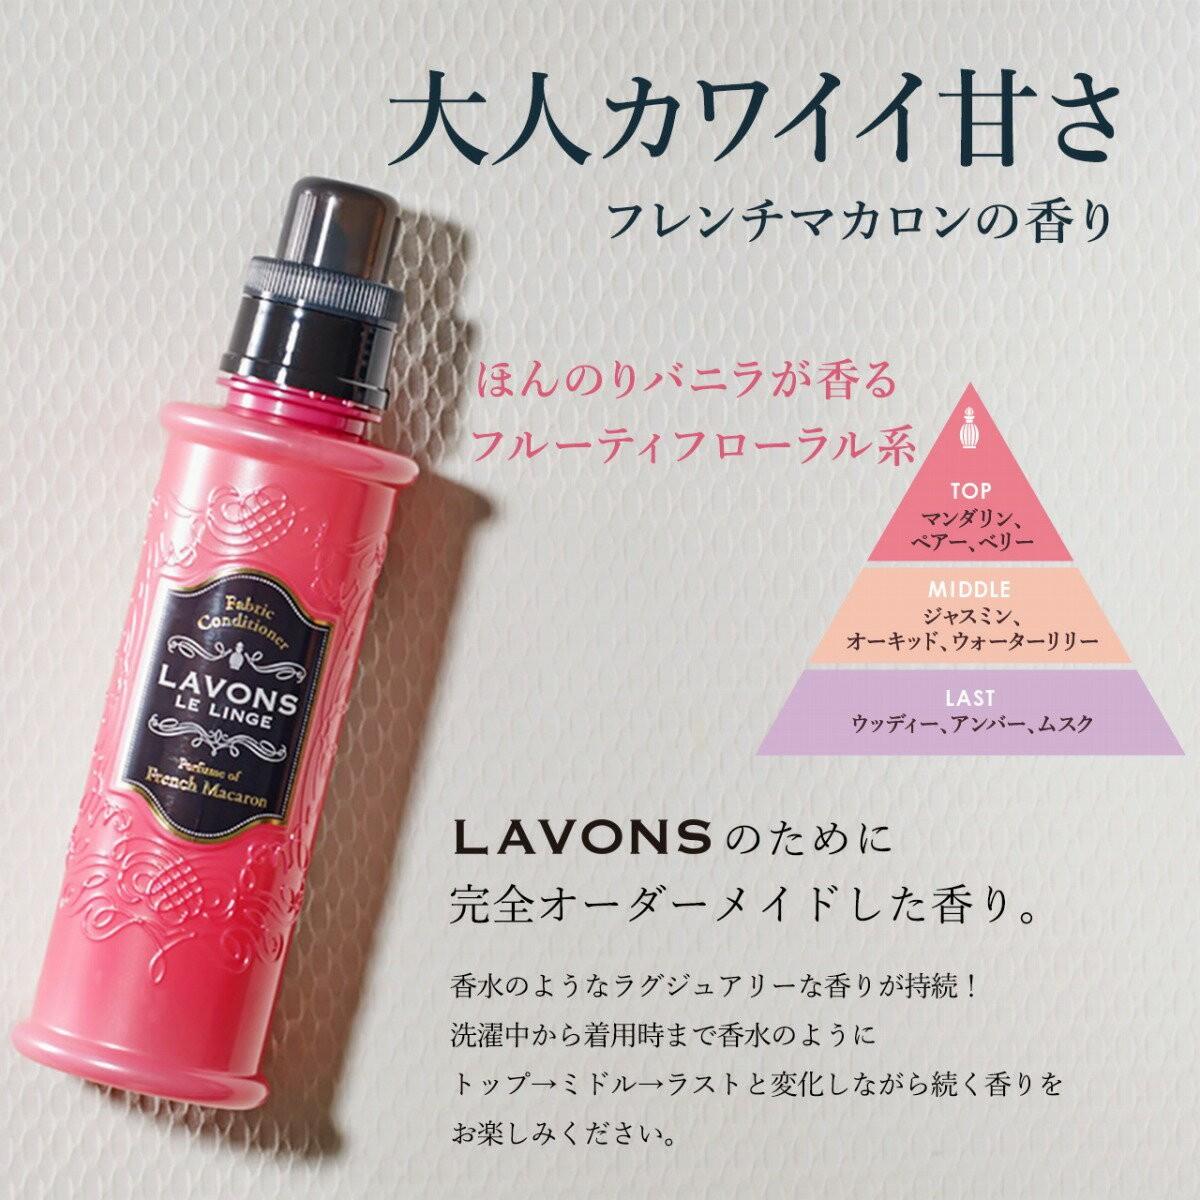 ネイチャーラボYahoo公式:ラボン 柔軟剤 フレンチマカロンの香り 詰め替え 480ml・イメージ写真4